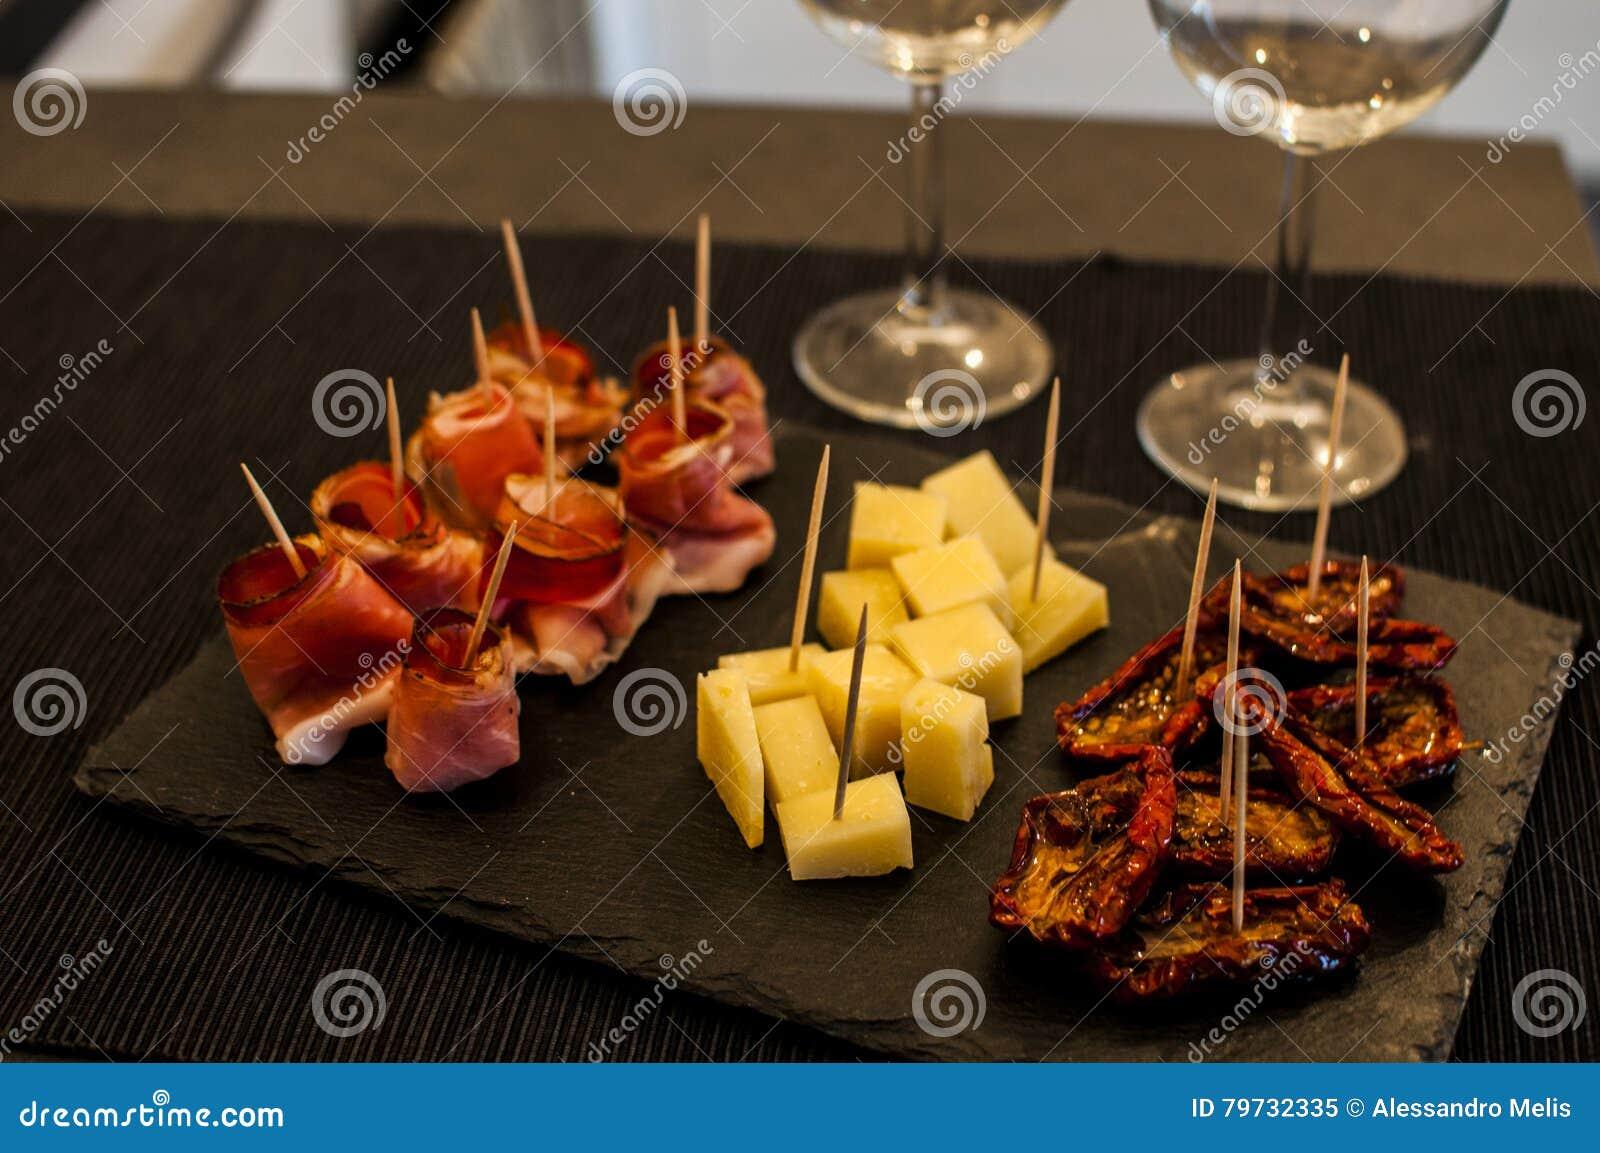 Comida para comer con los dedos para igualar el aperitivo